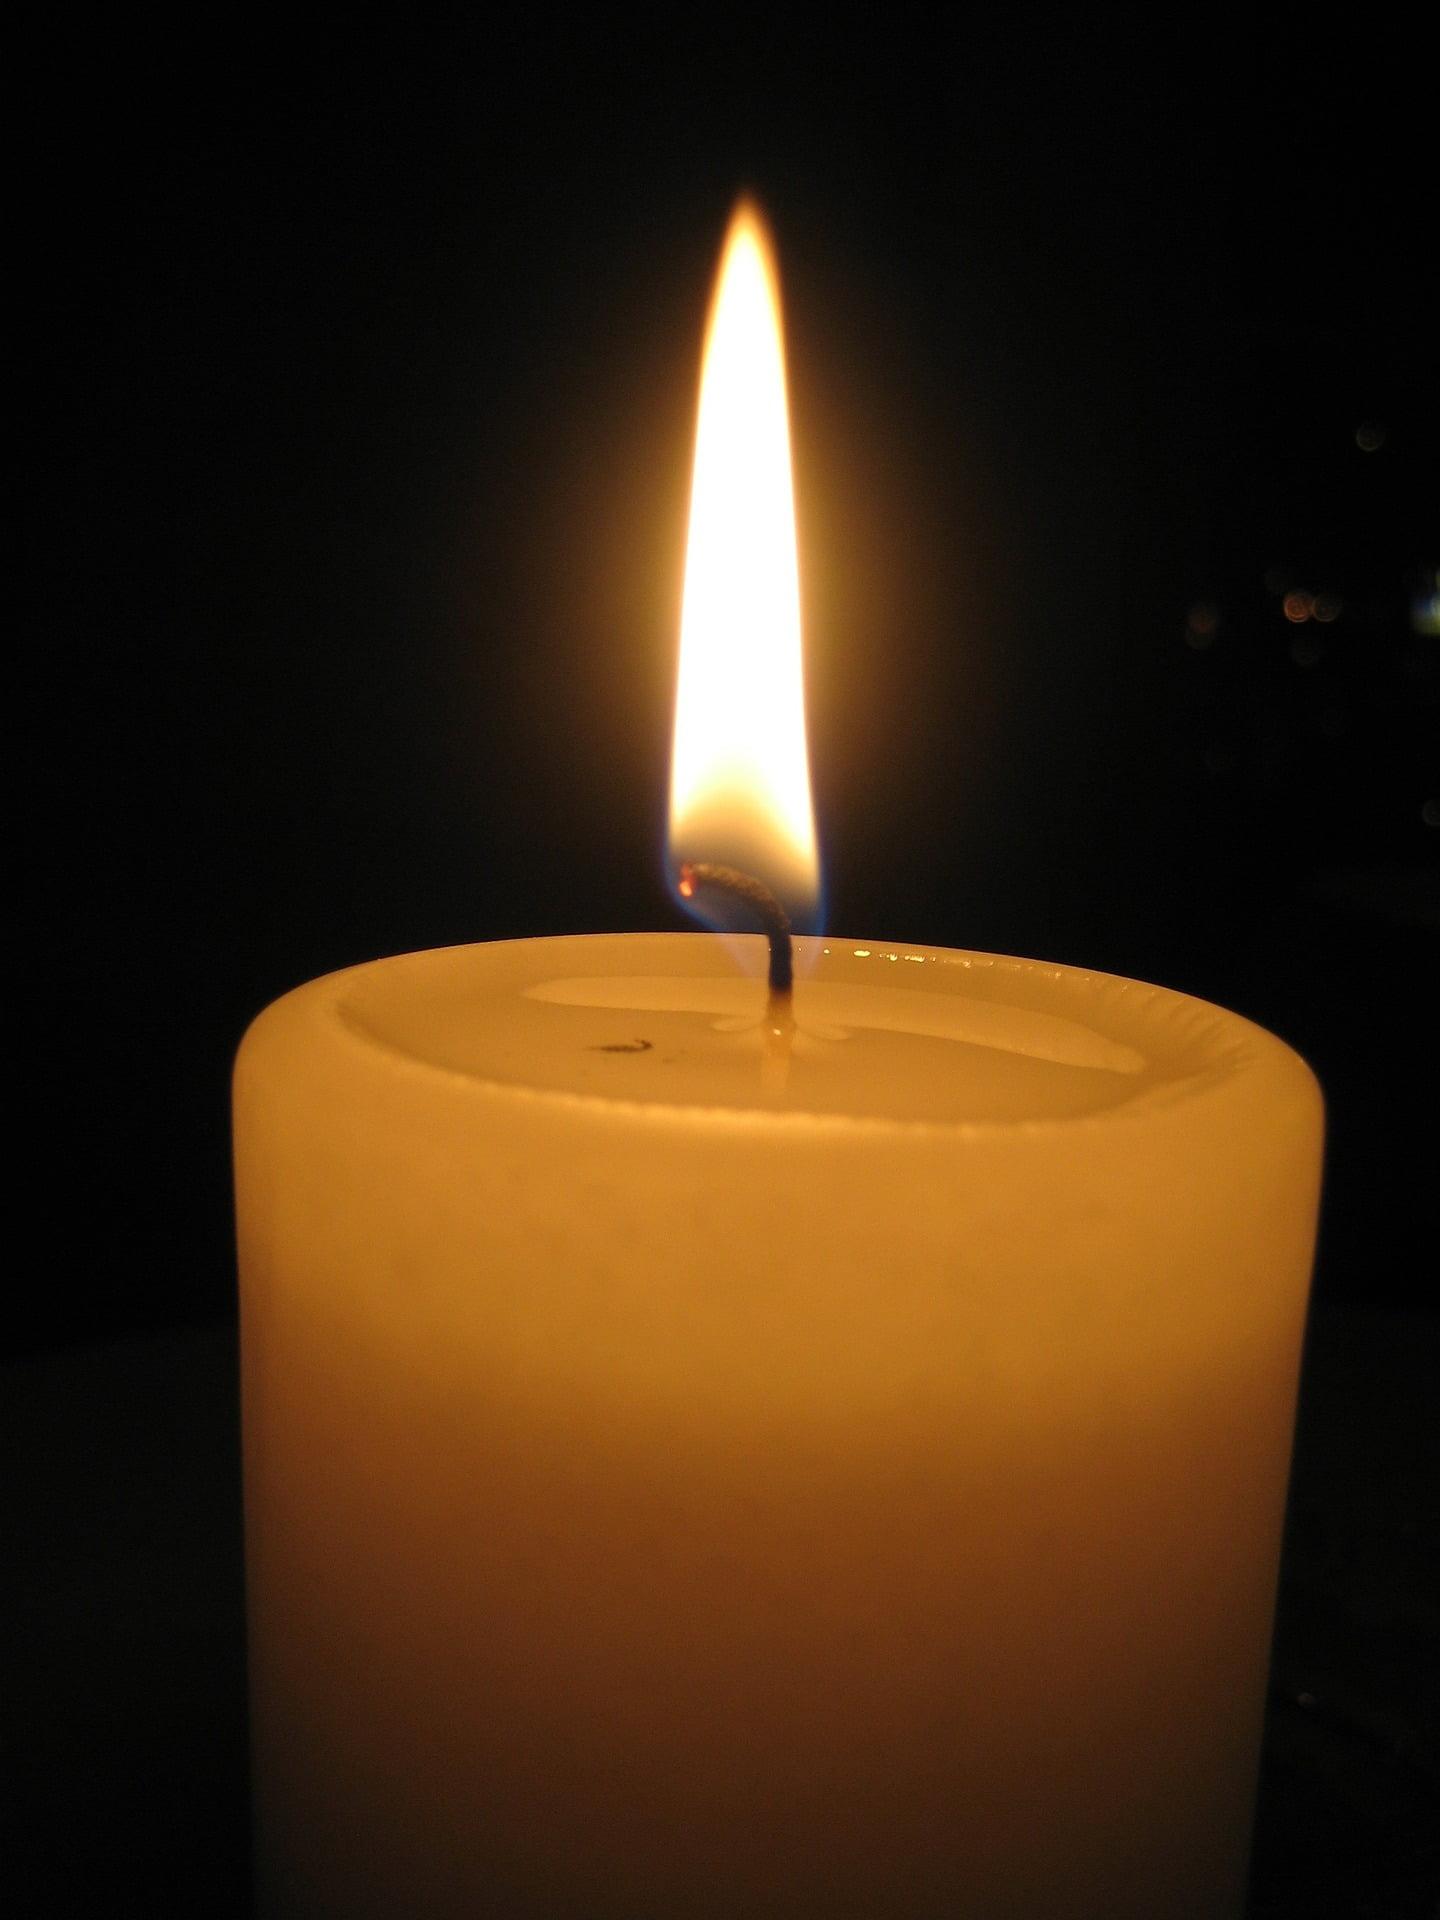 burning-candle-1320116_1920